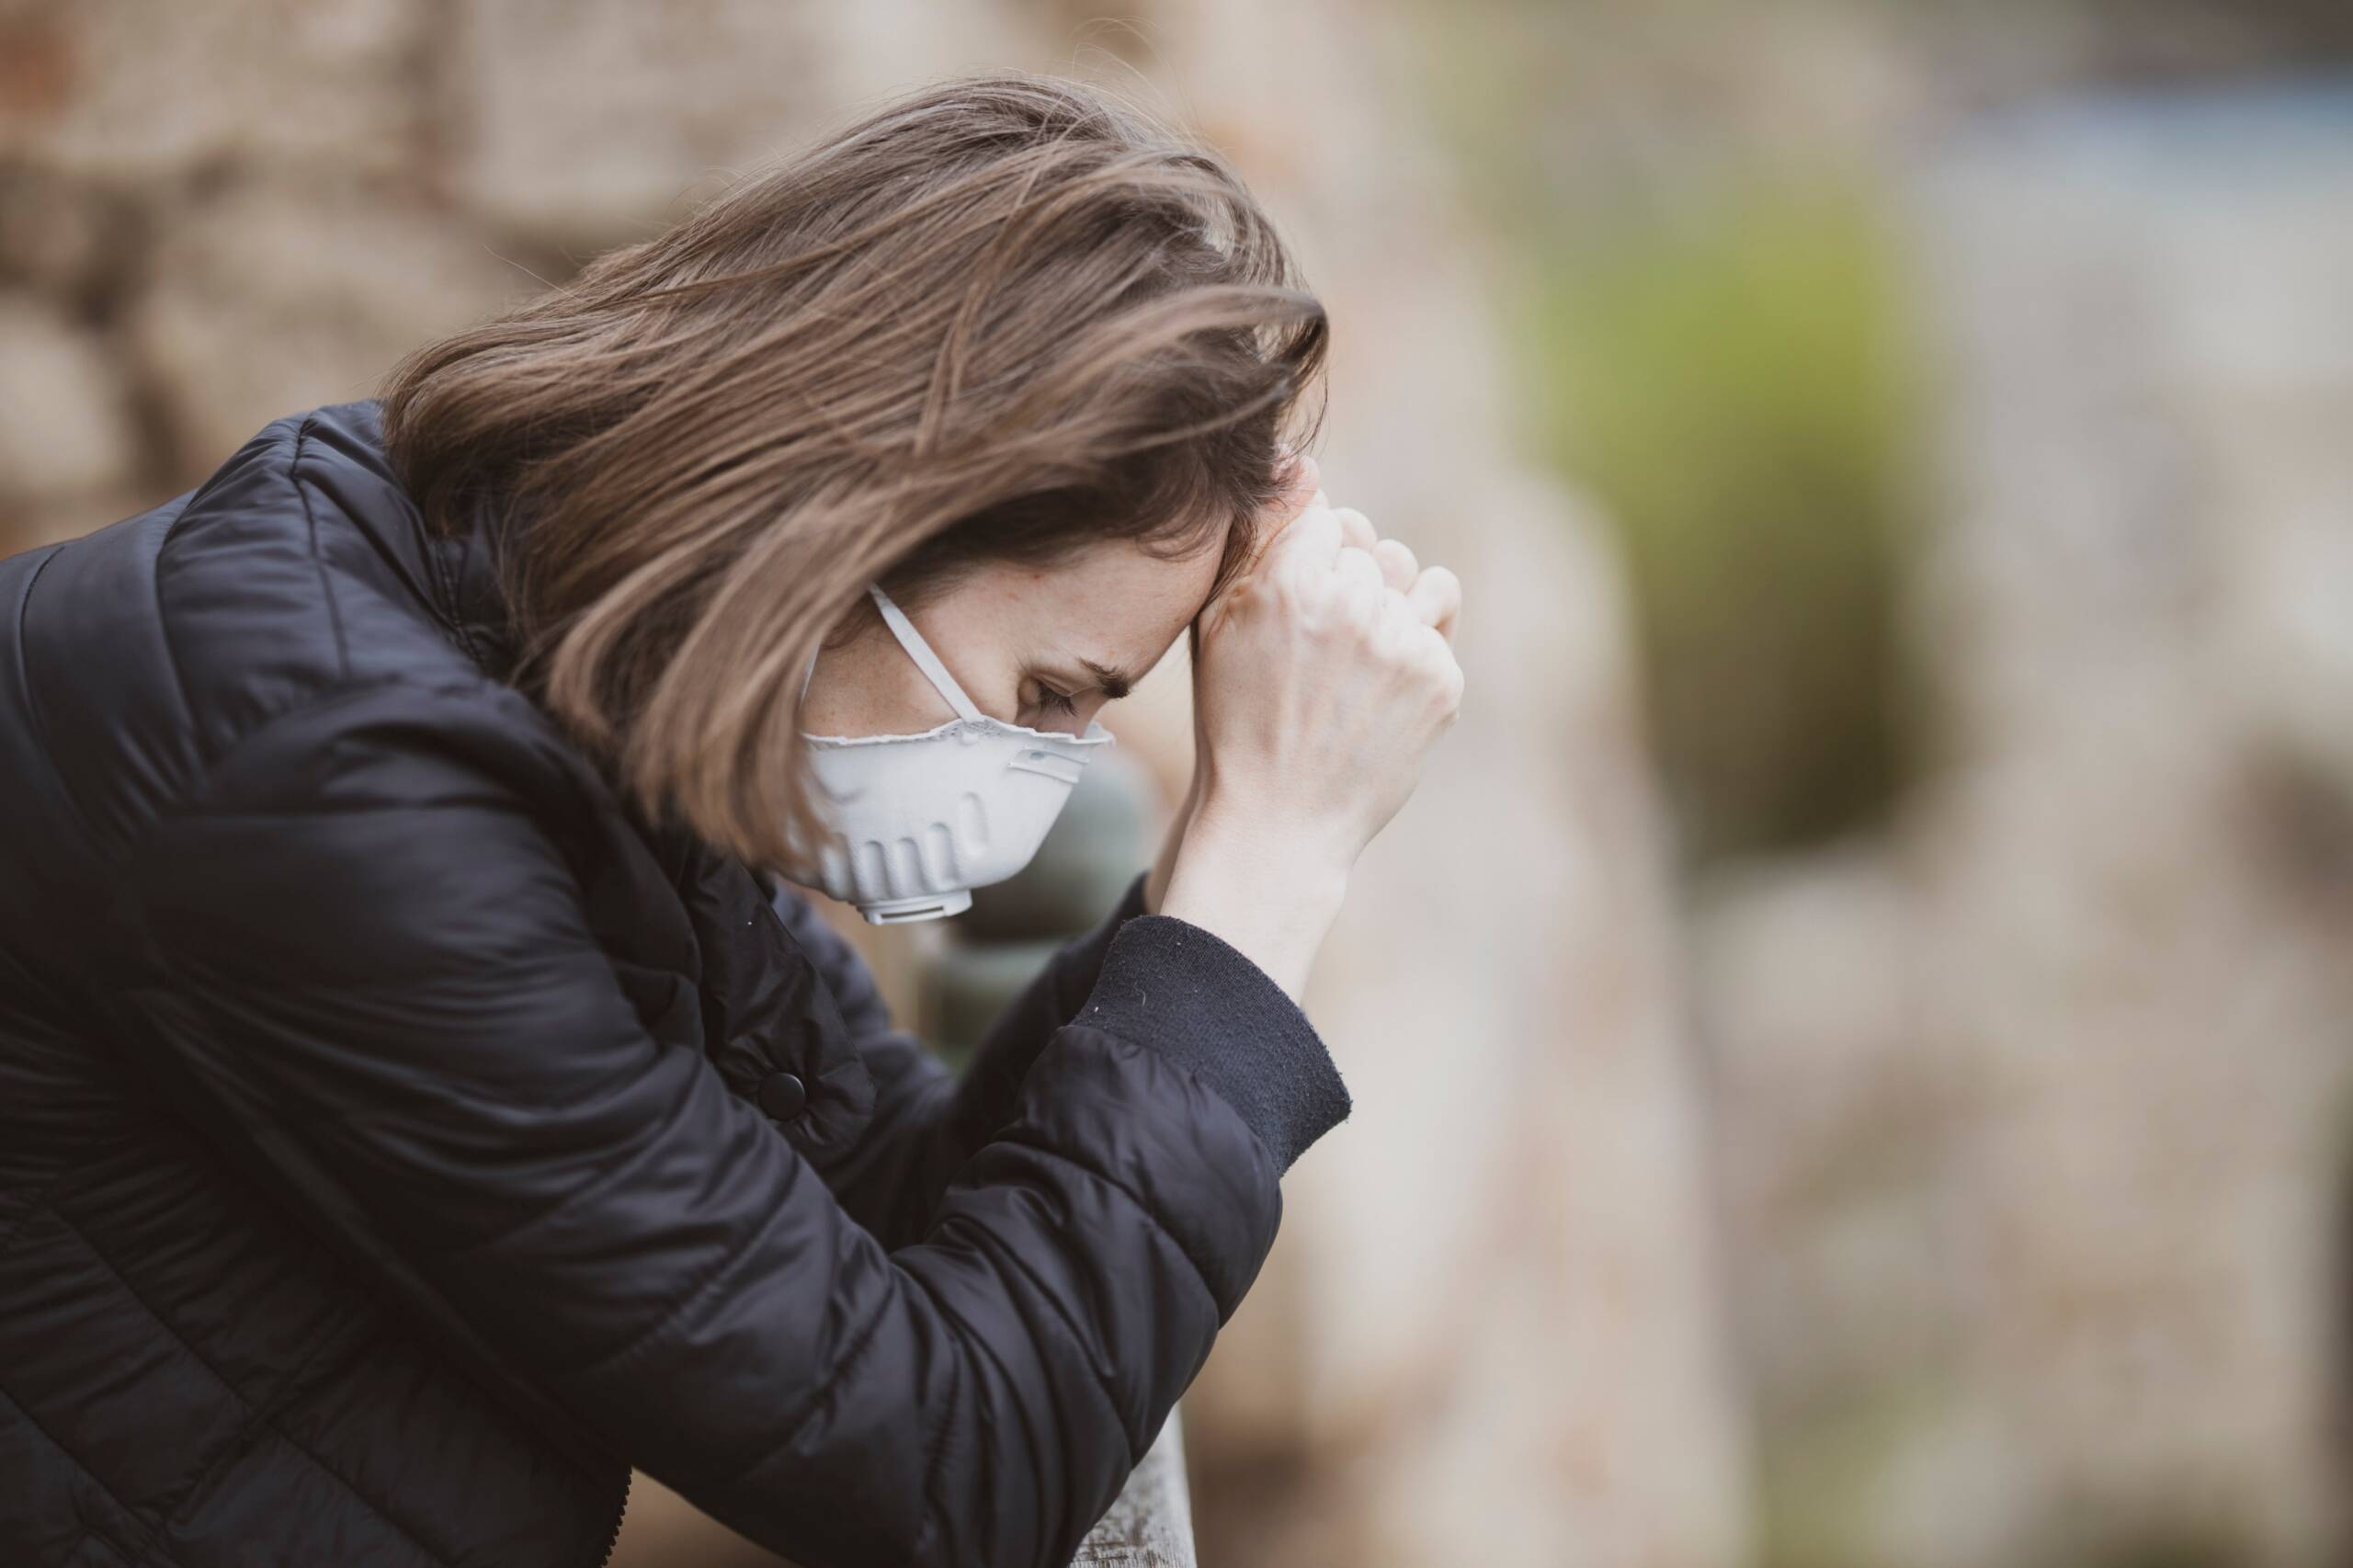 Sintomi nonostante la guarigione, cure gratuite per gli affetti da long Covid